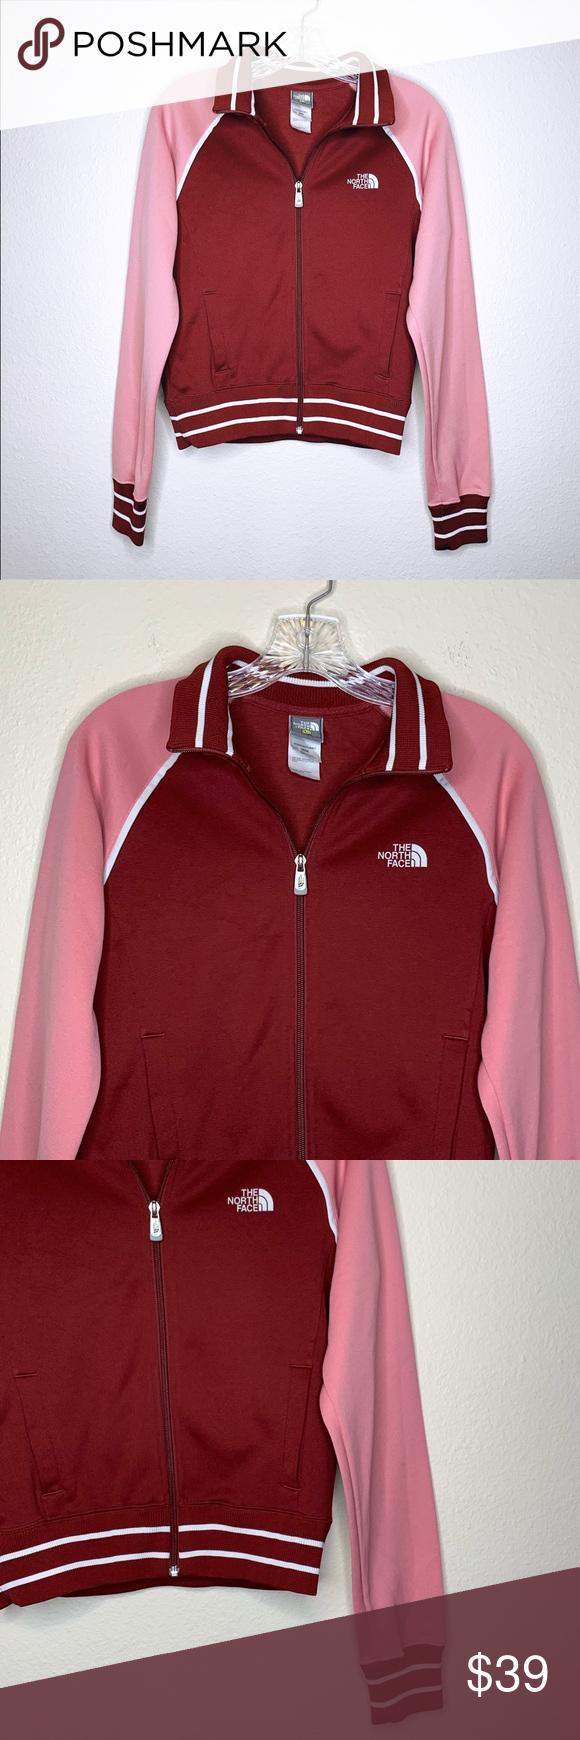 The North Face Vintage Burgundy Pink Jacket Pink Jacket Clothes Design The North Face [ 1740 x 580 Pixel ]